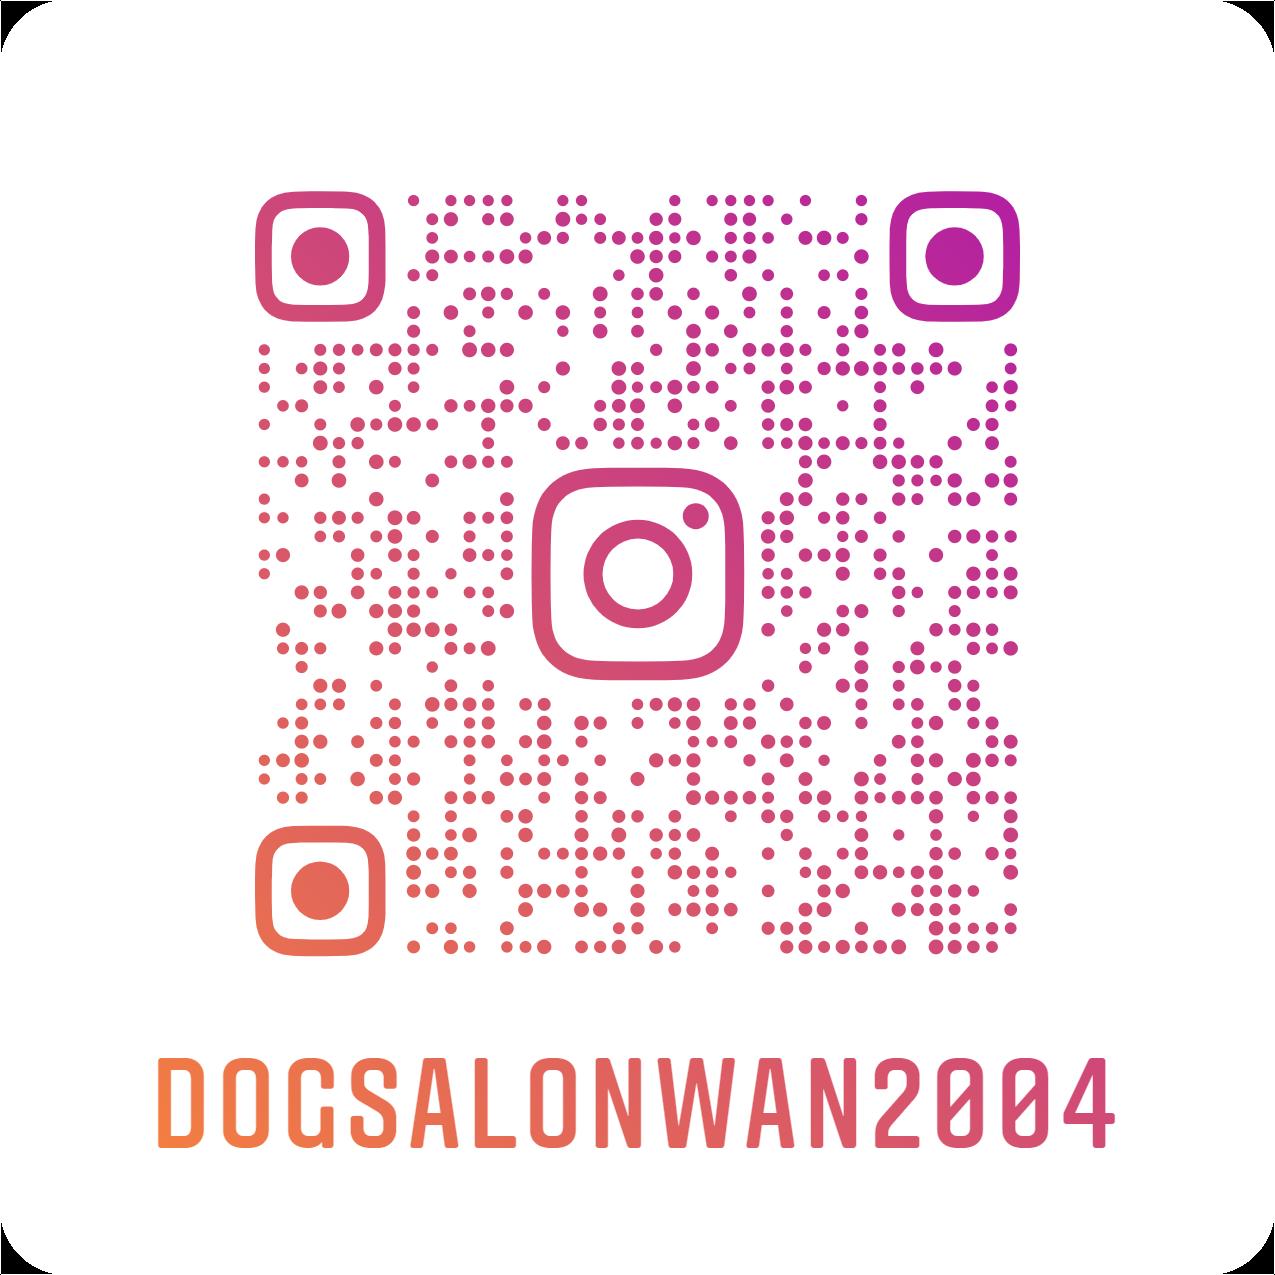 dogsalonwan2004_nametag_20210704140246f76.png